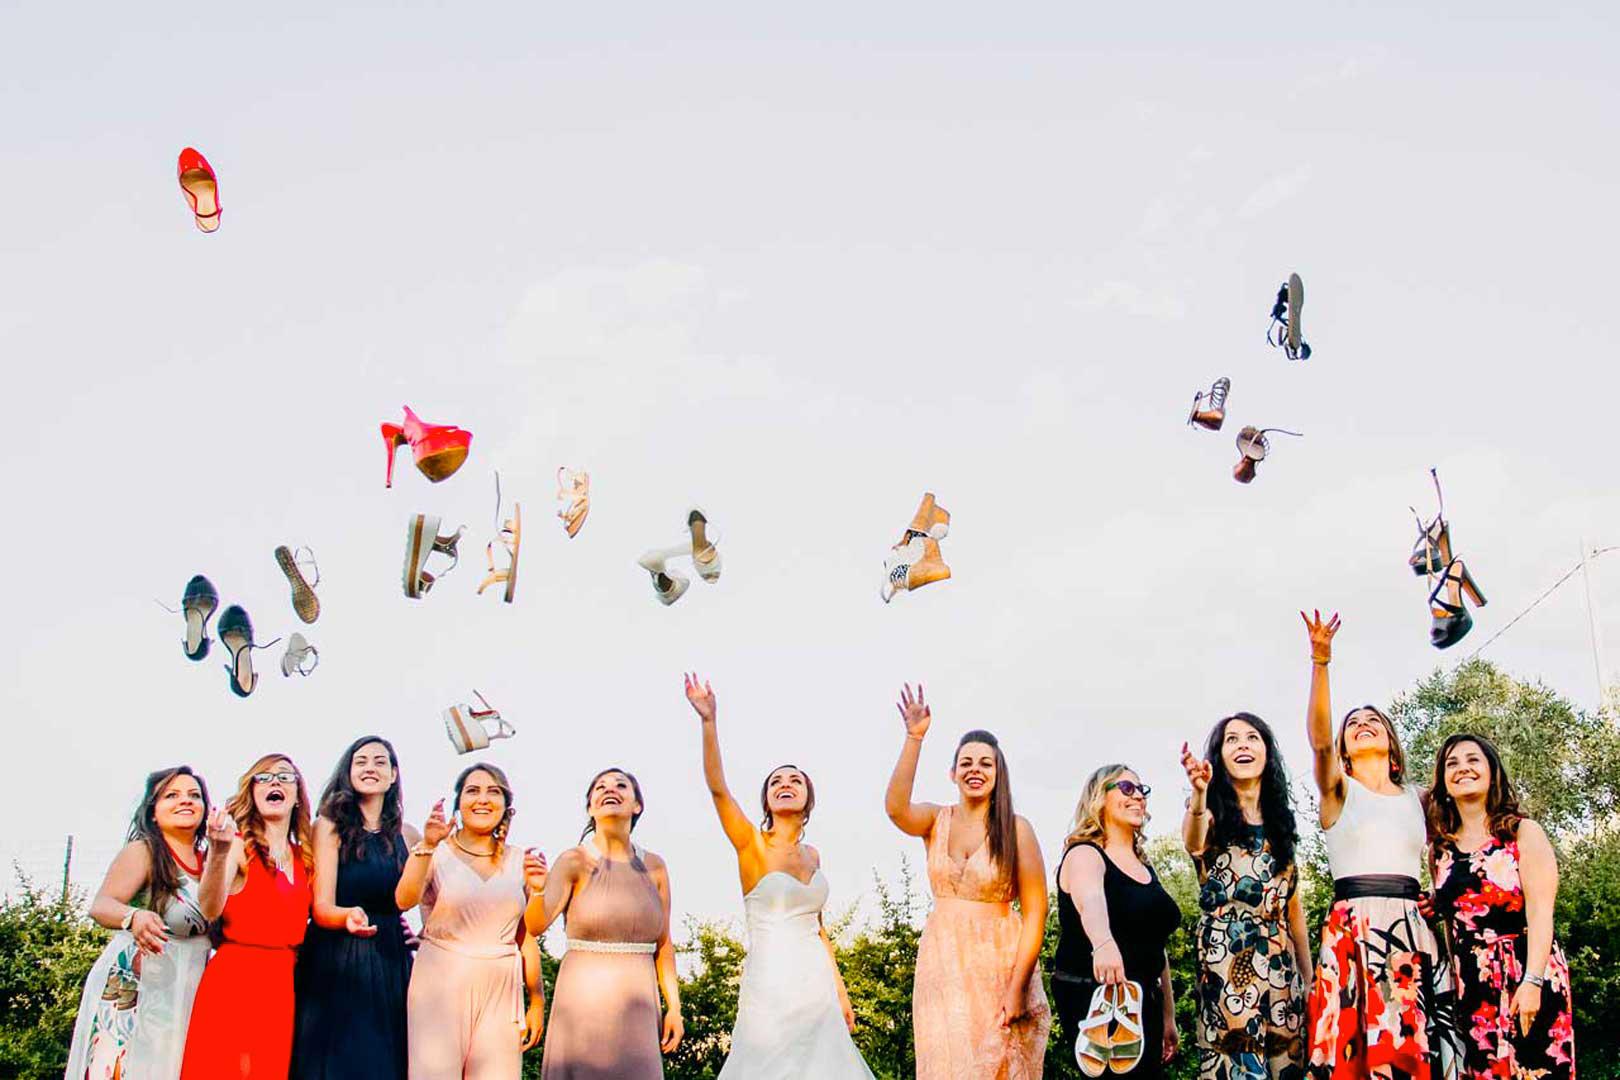 032-amici-matrimonio-gianni-lepore-wedding